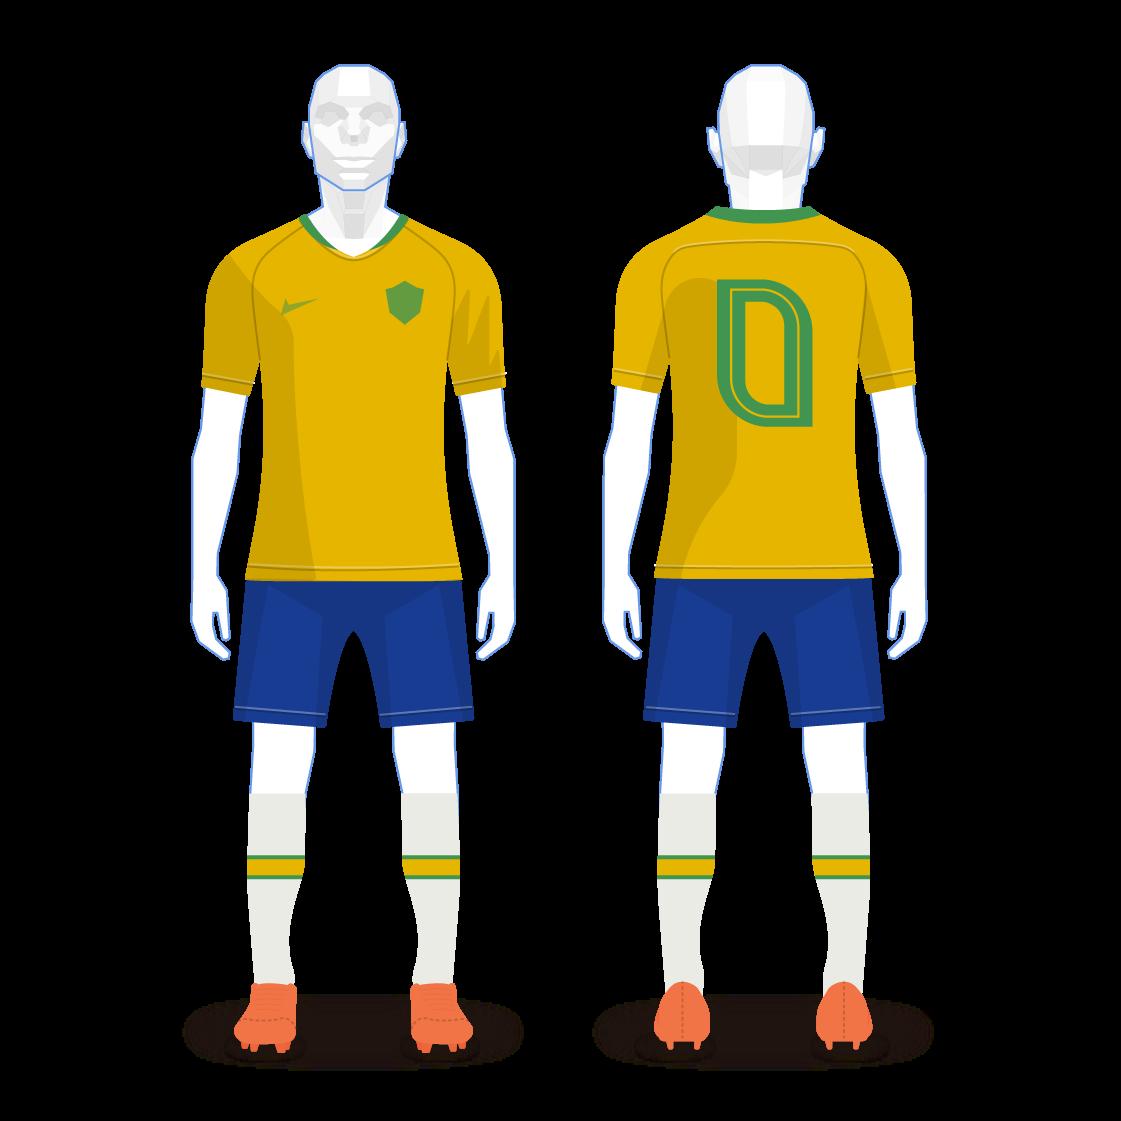 Uniforme principal da seleção brasileira, com camisa amarela